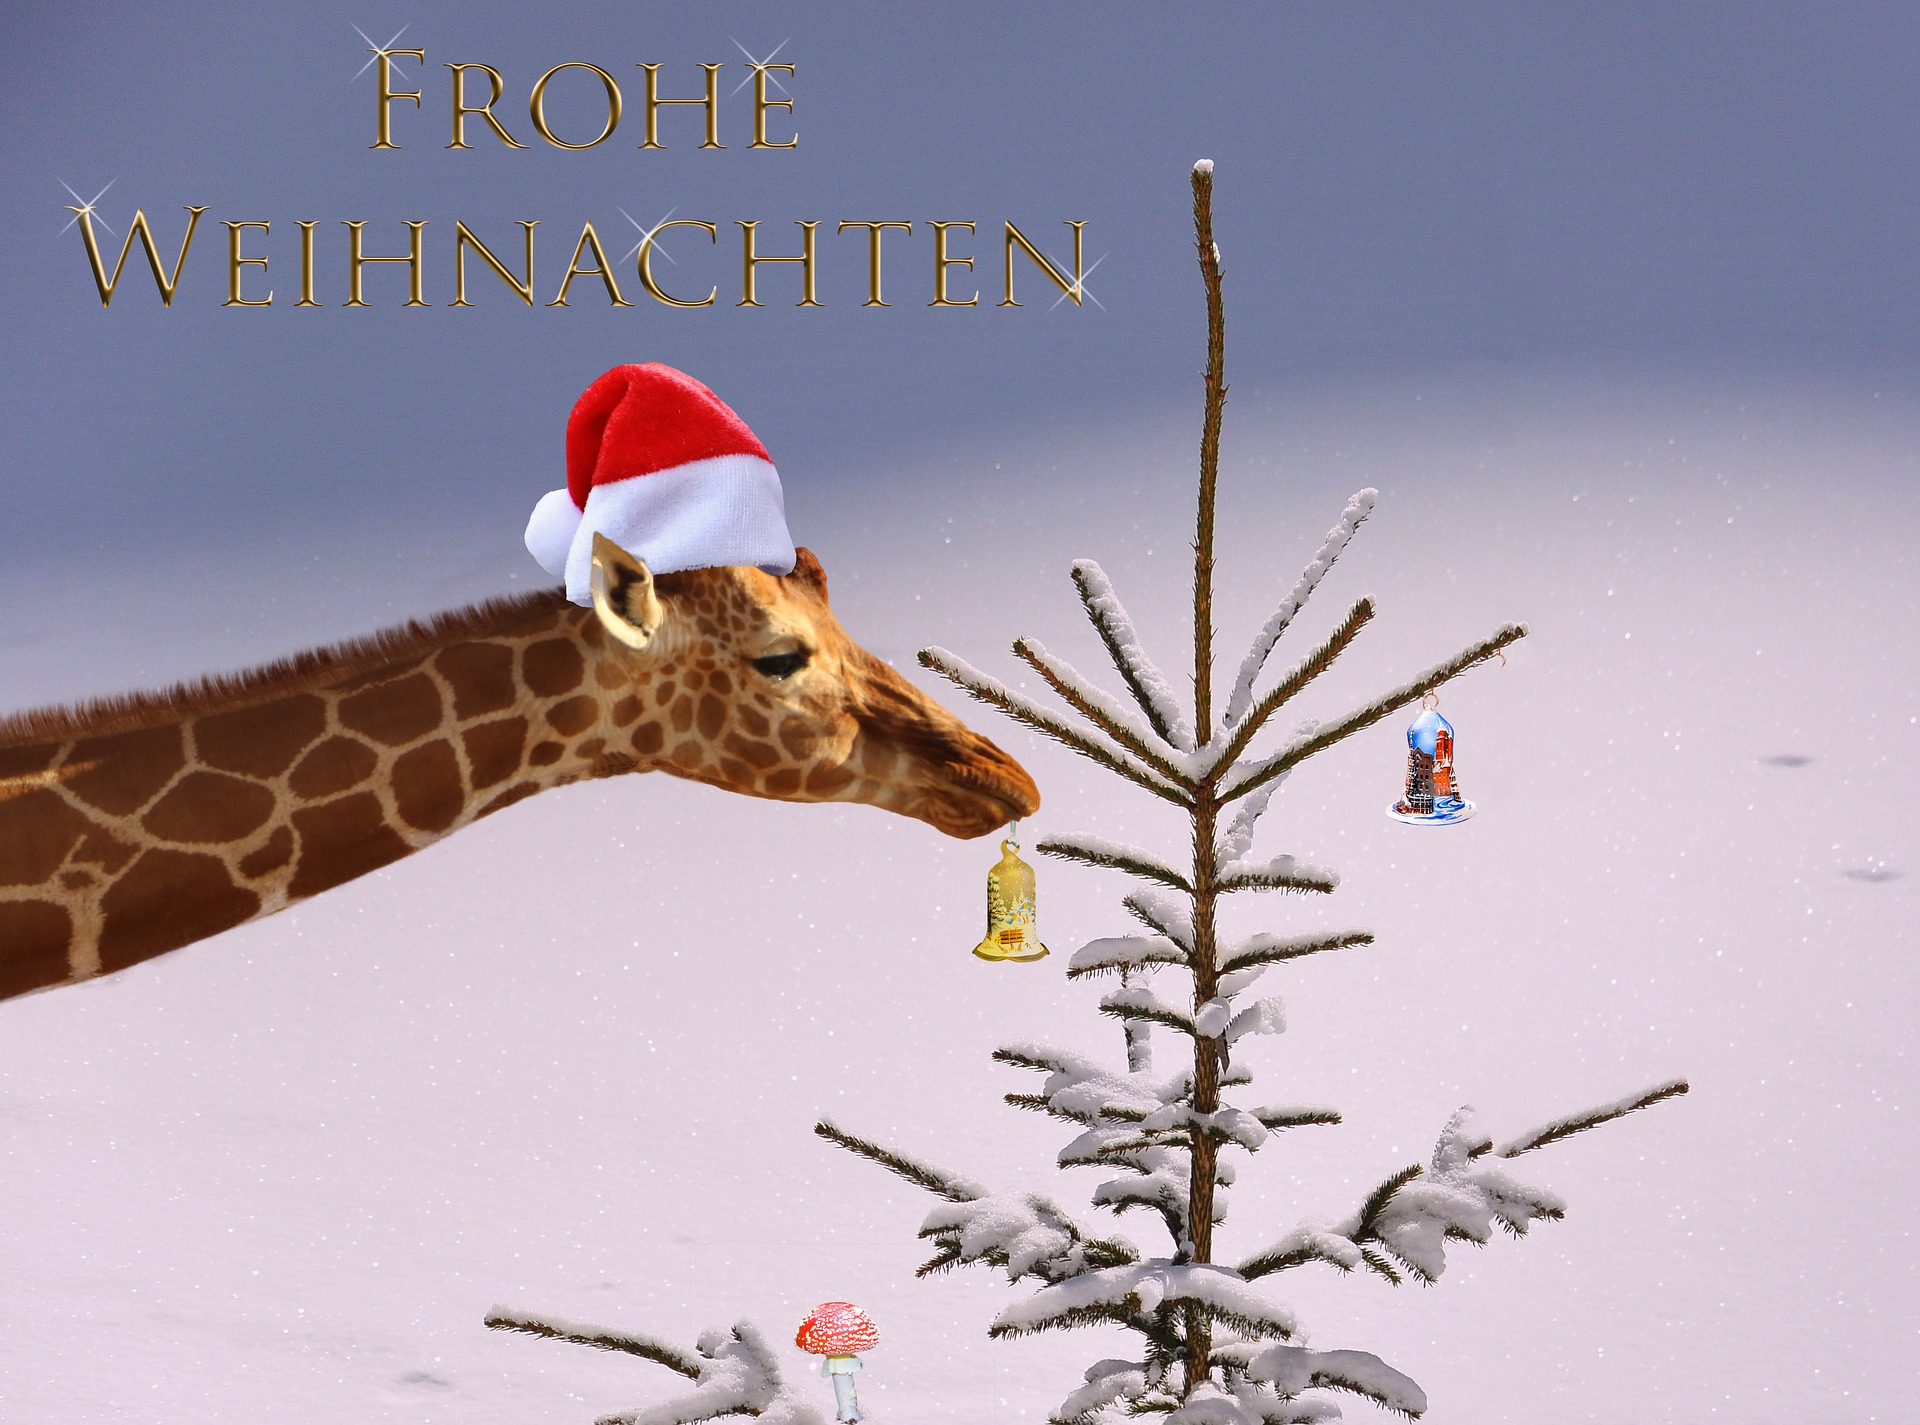 christmas-card-2923260_1920.jpg